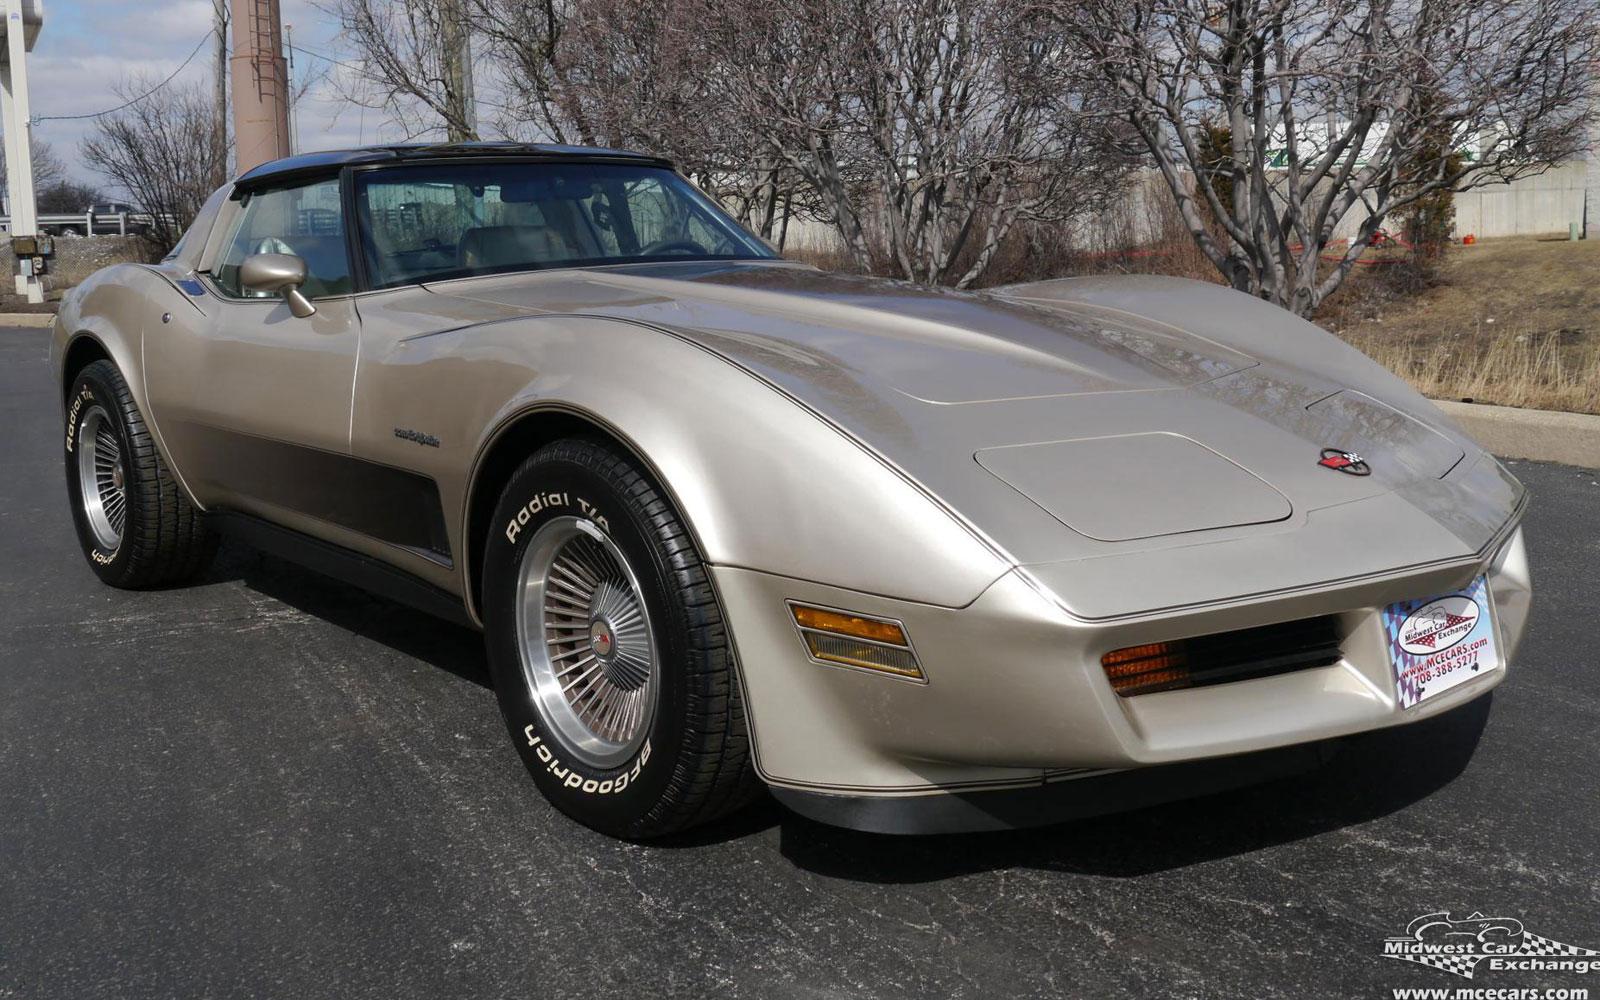 1982 Corvette For Sale >> 1982 Corvette Collector Edition - My Dream Car